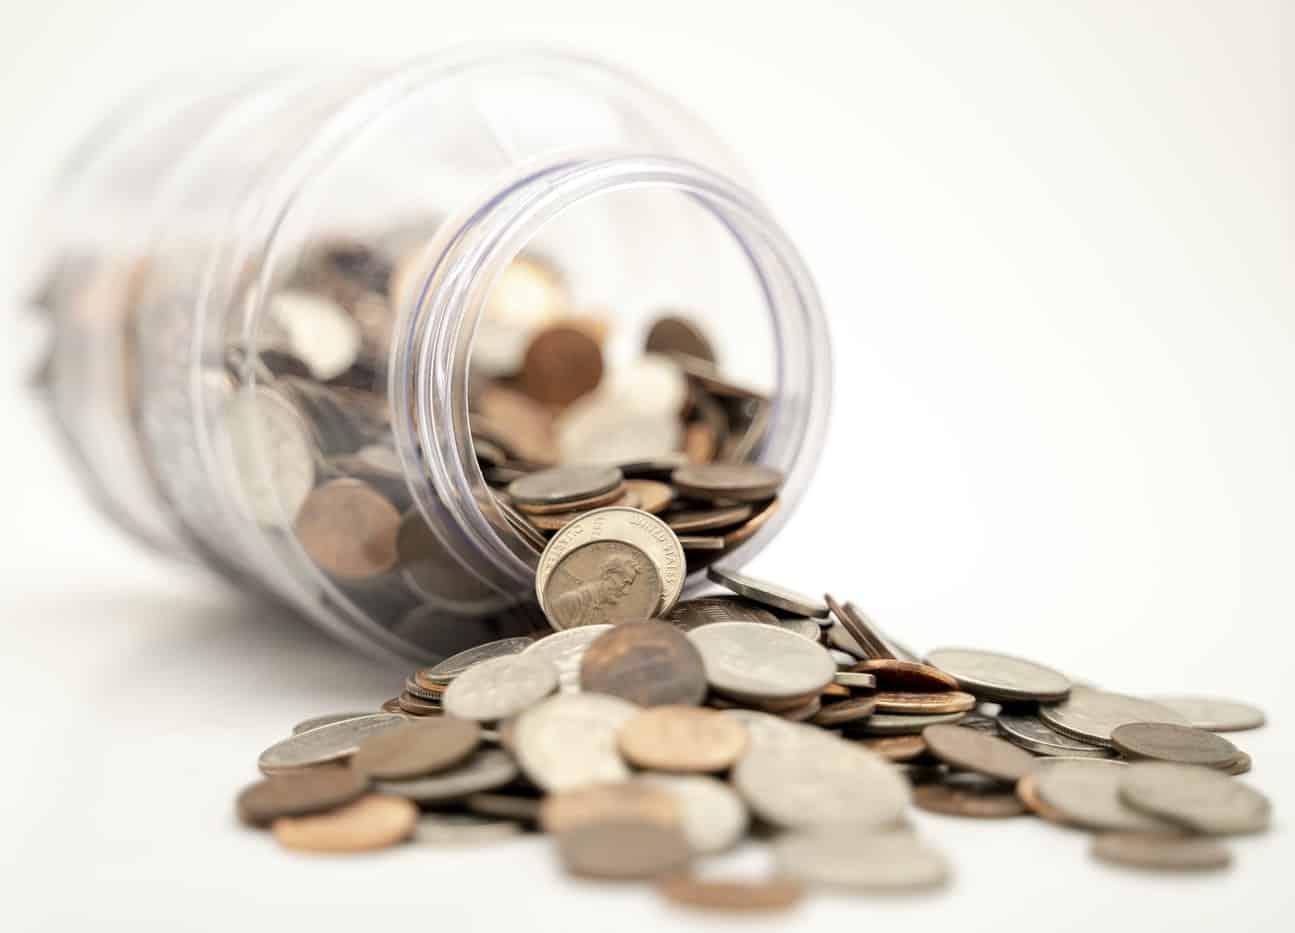 אופציות המשיכה הפטורות ממס מהחסכונות הפנסיוניים, למשוך כסף מחיסכון פנסיוני, משיכה פטורה ממס מחיסכון פנסיוני